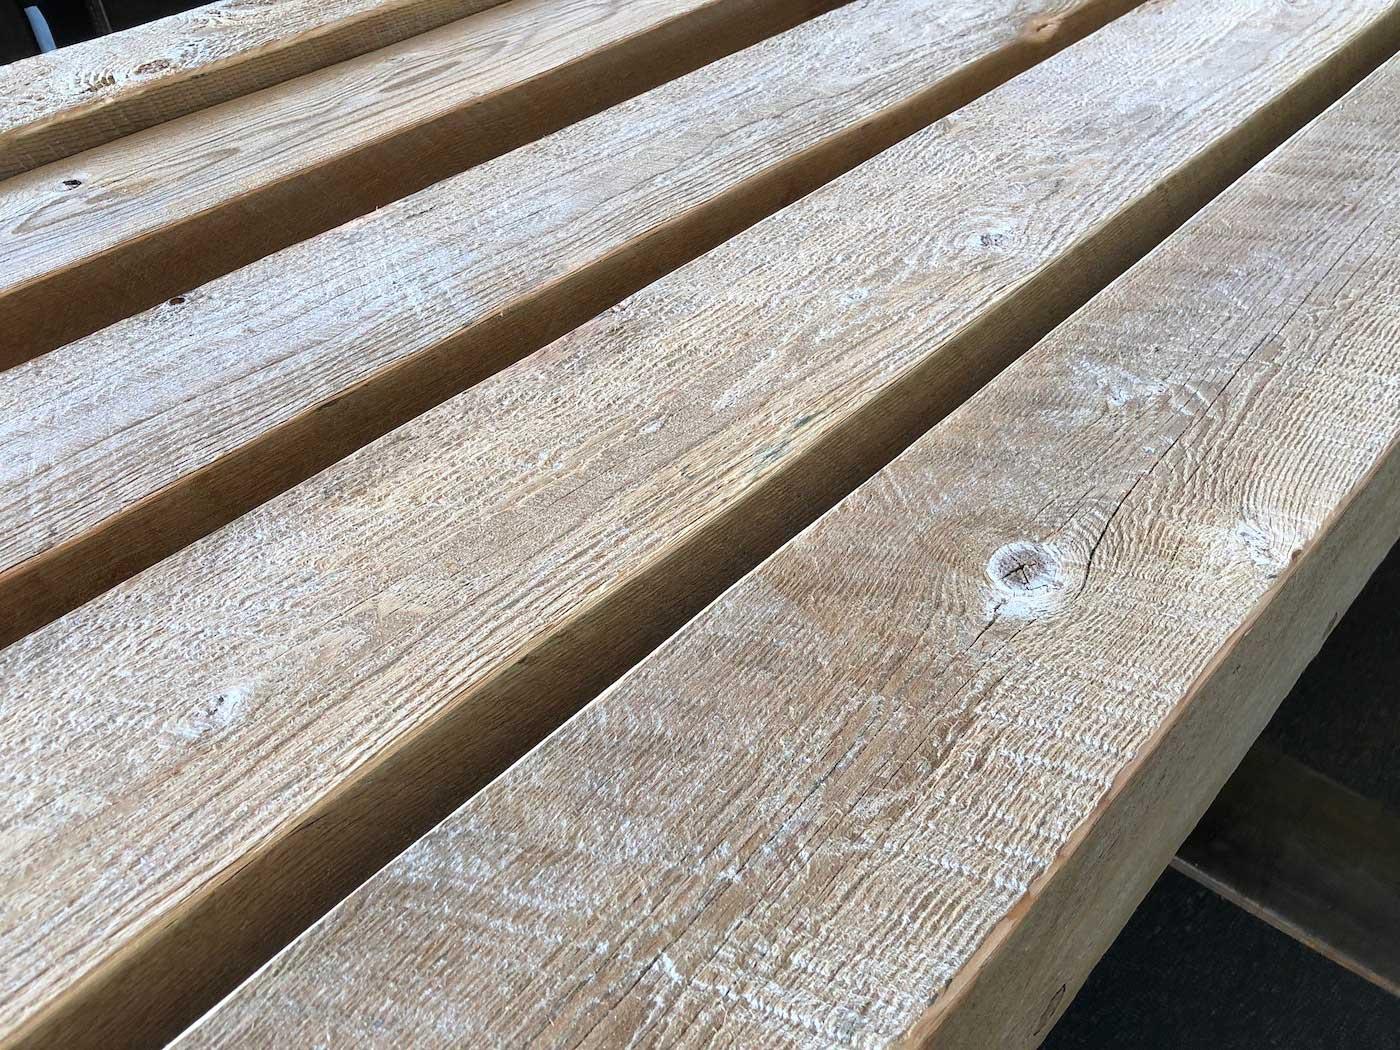 driftwood box beam texture - Box Beam Fabrication